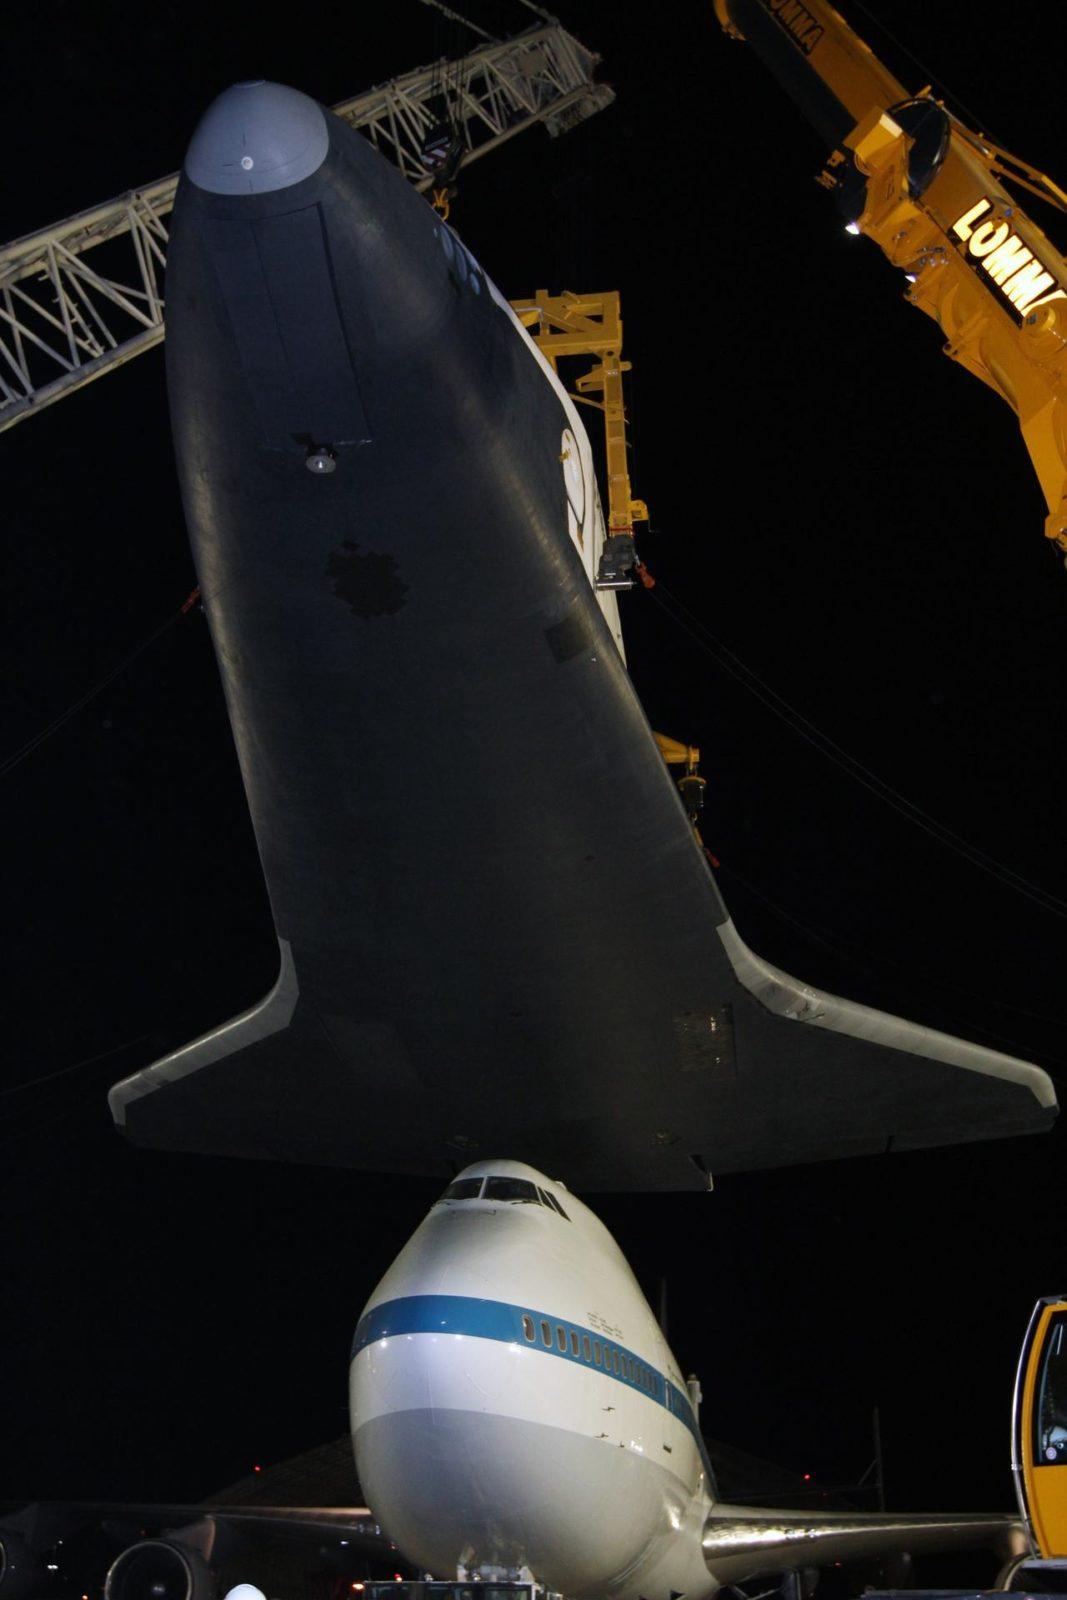 nasa new space shuttle design - HD1067×1600